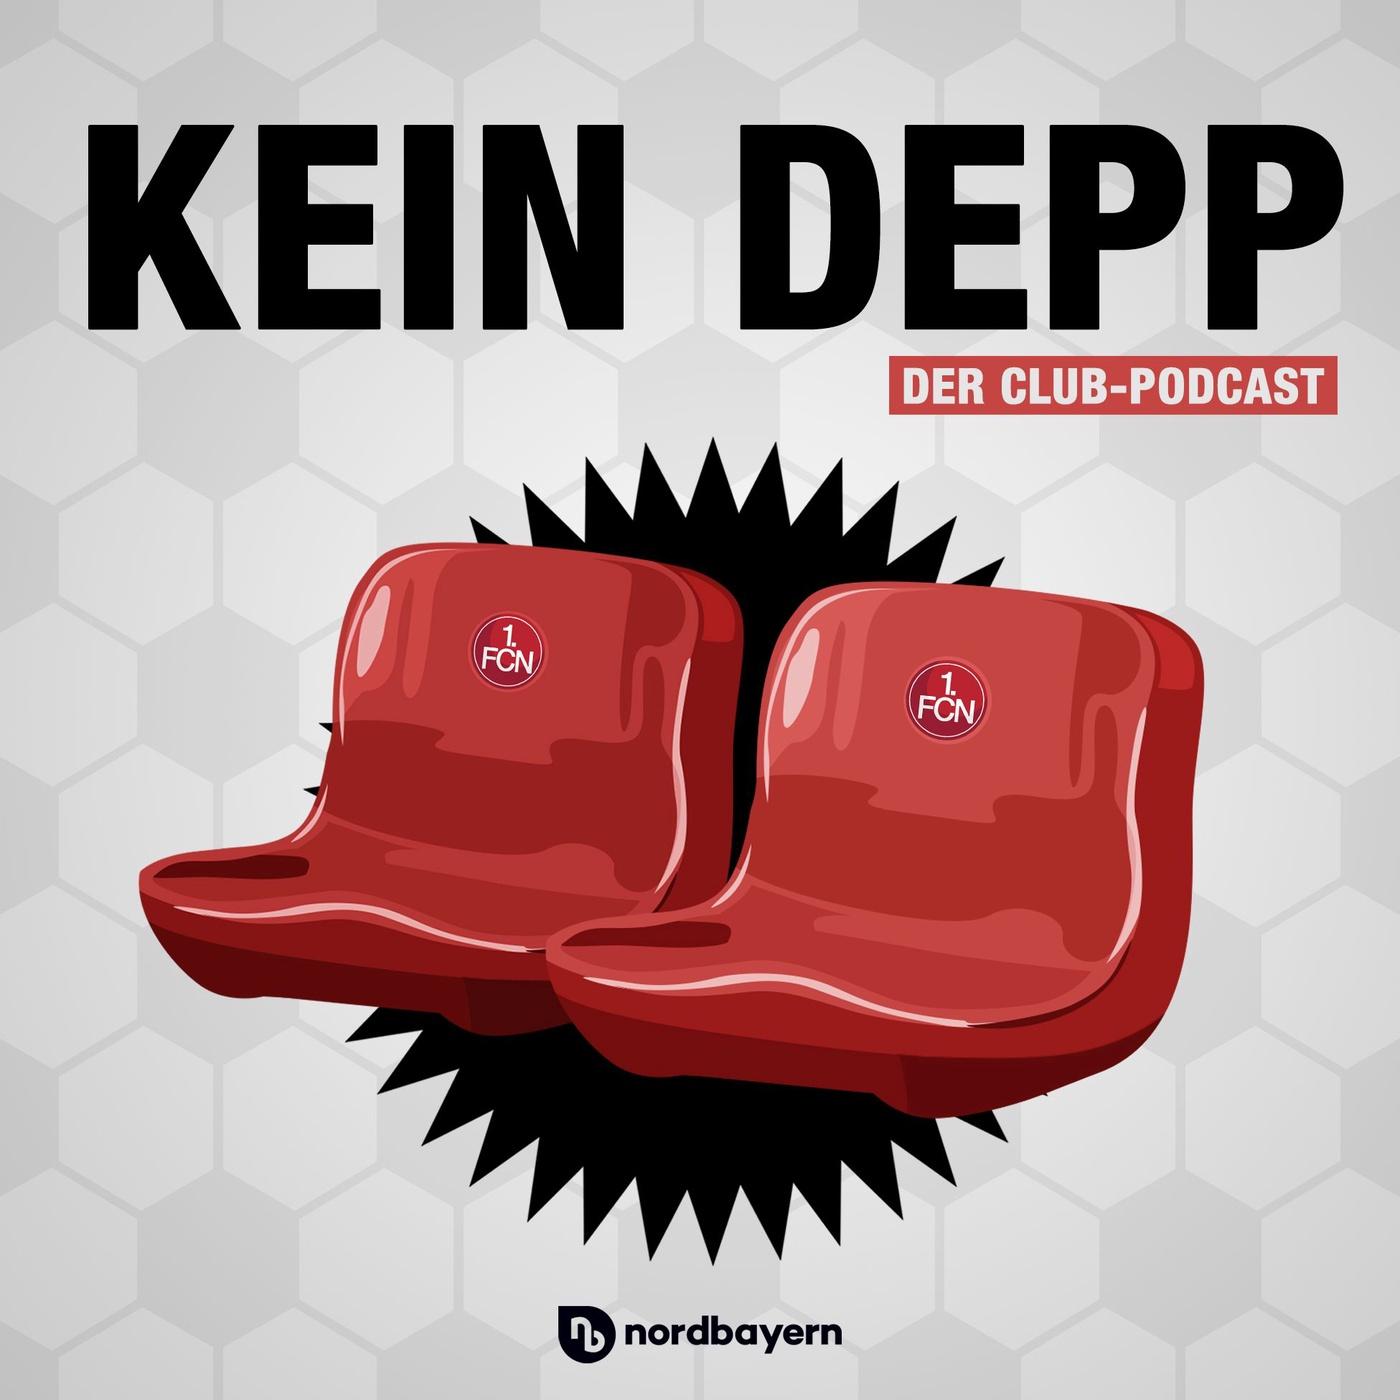 Ka Depp - Der Club-Podcast von nordbayern.de